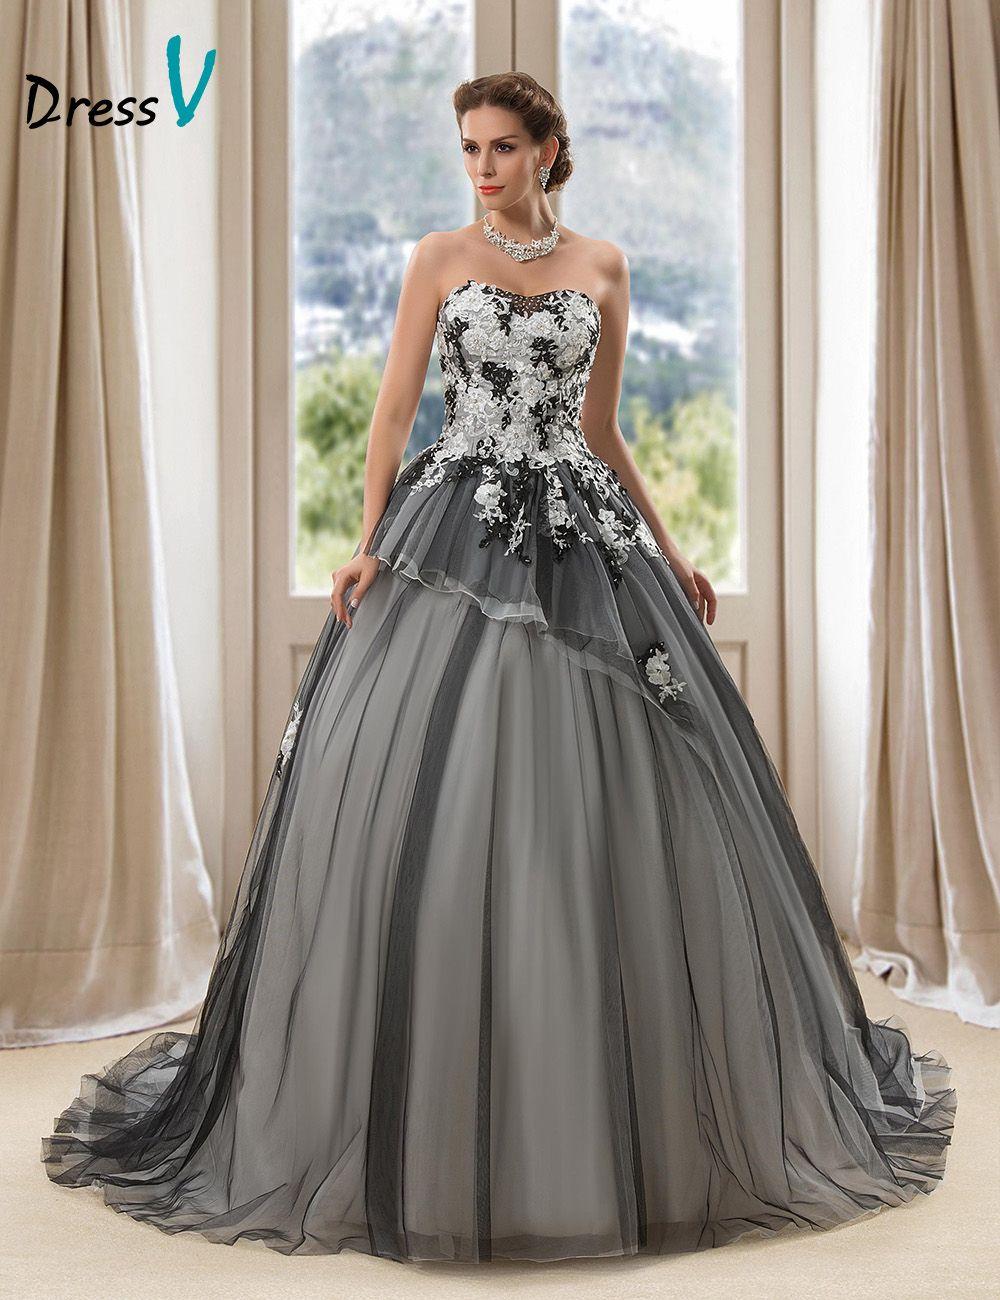 Vintage BlackWedding Kleider Ballkleid Brautkleider Liebsten Lace-Up Appliques Pailletten Robe De Soiree Brautkleider Echt Bild